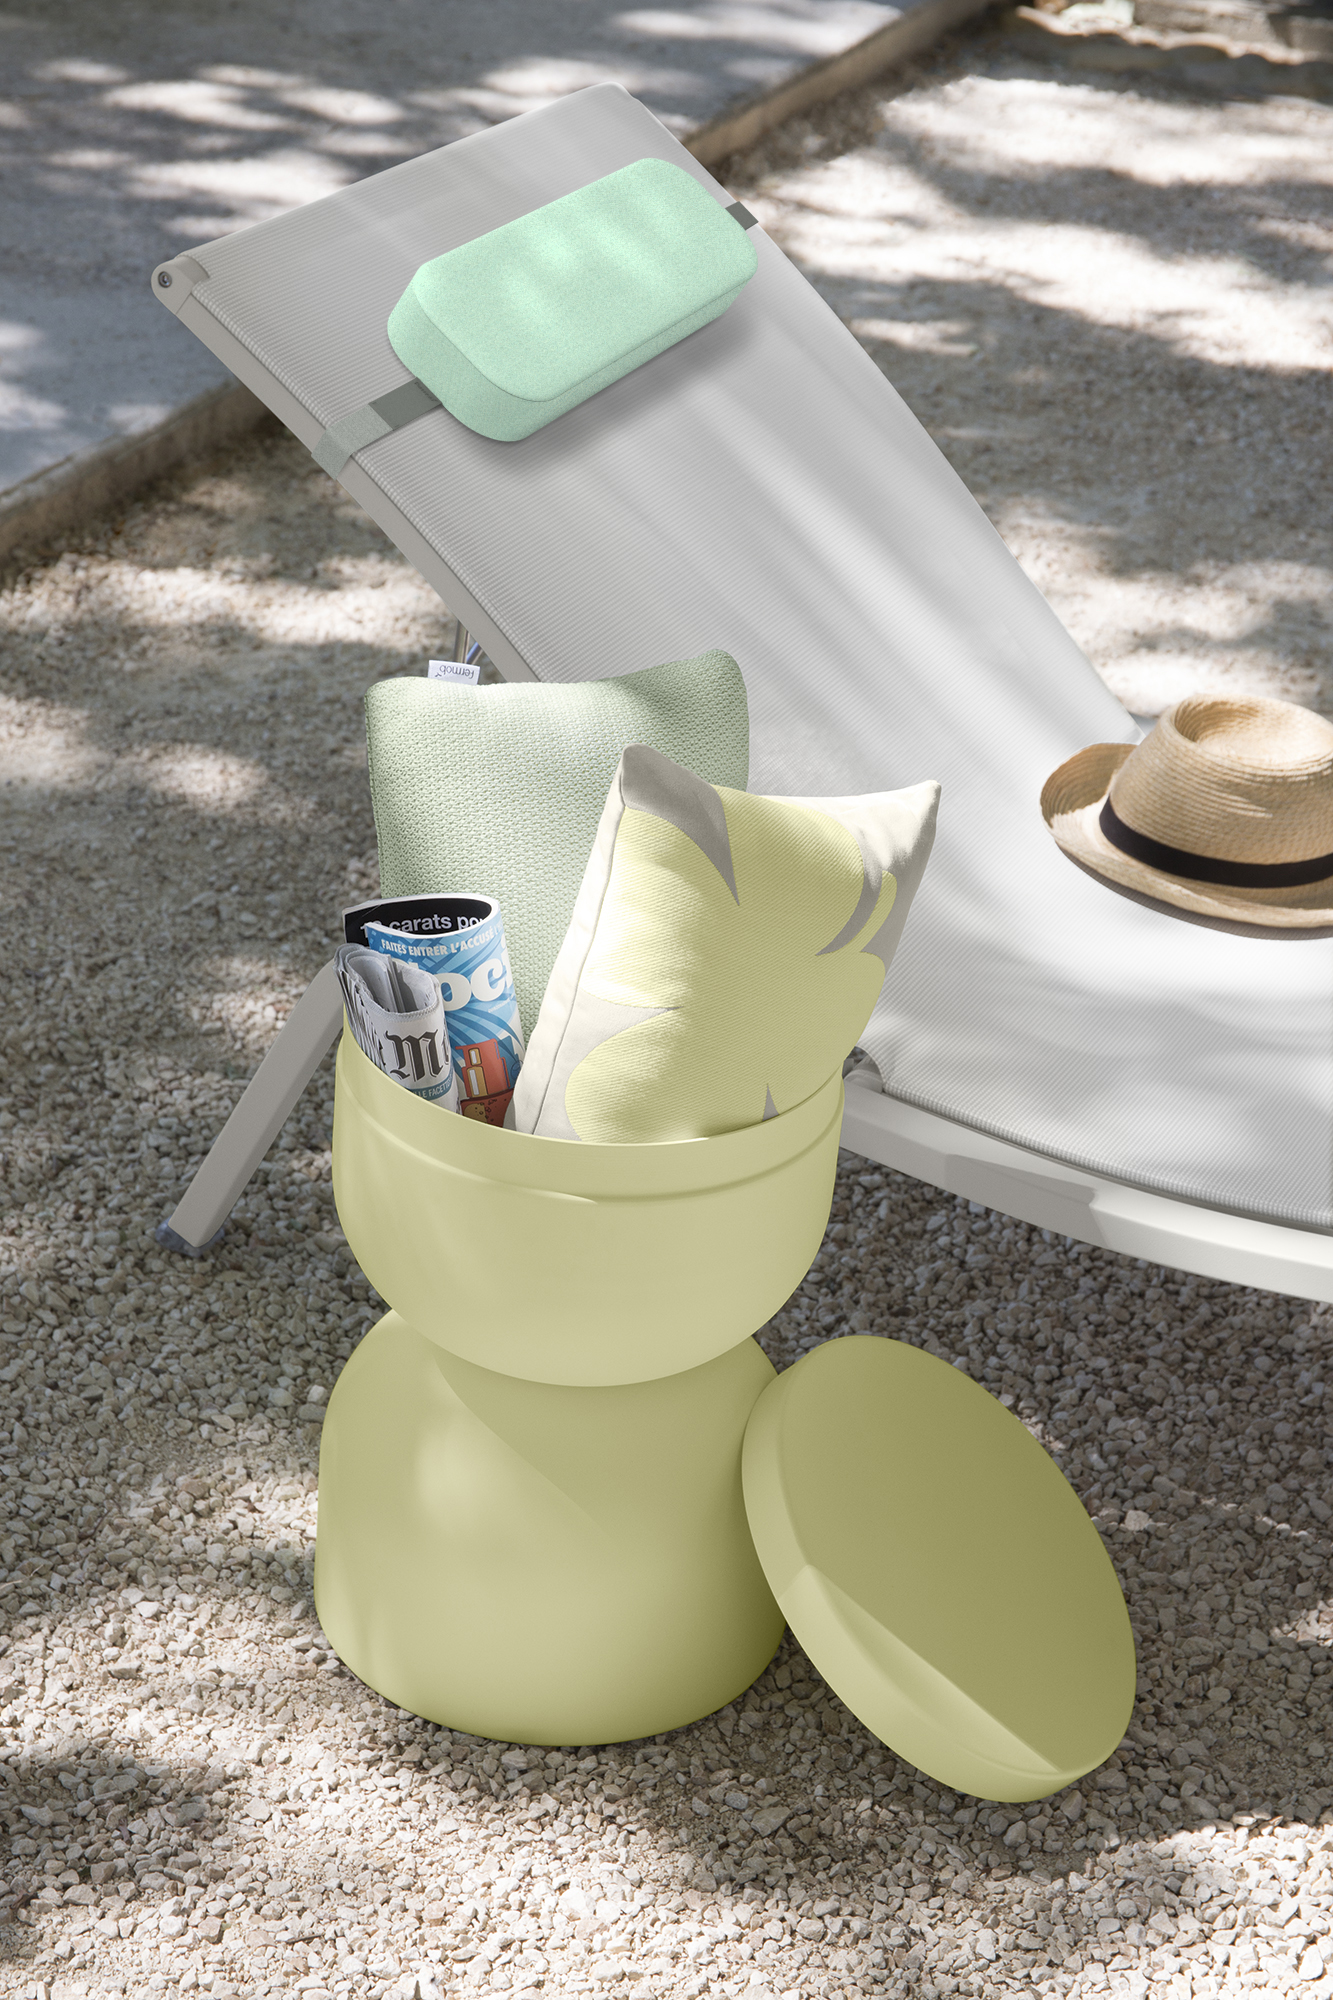 appui-tête,  appui tete, appui-tête Fermob, appui-tête Color Mix, appui-tête bain de soleil